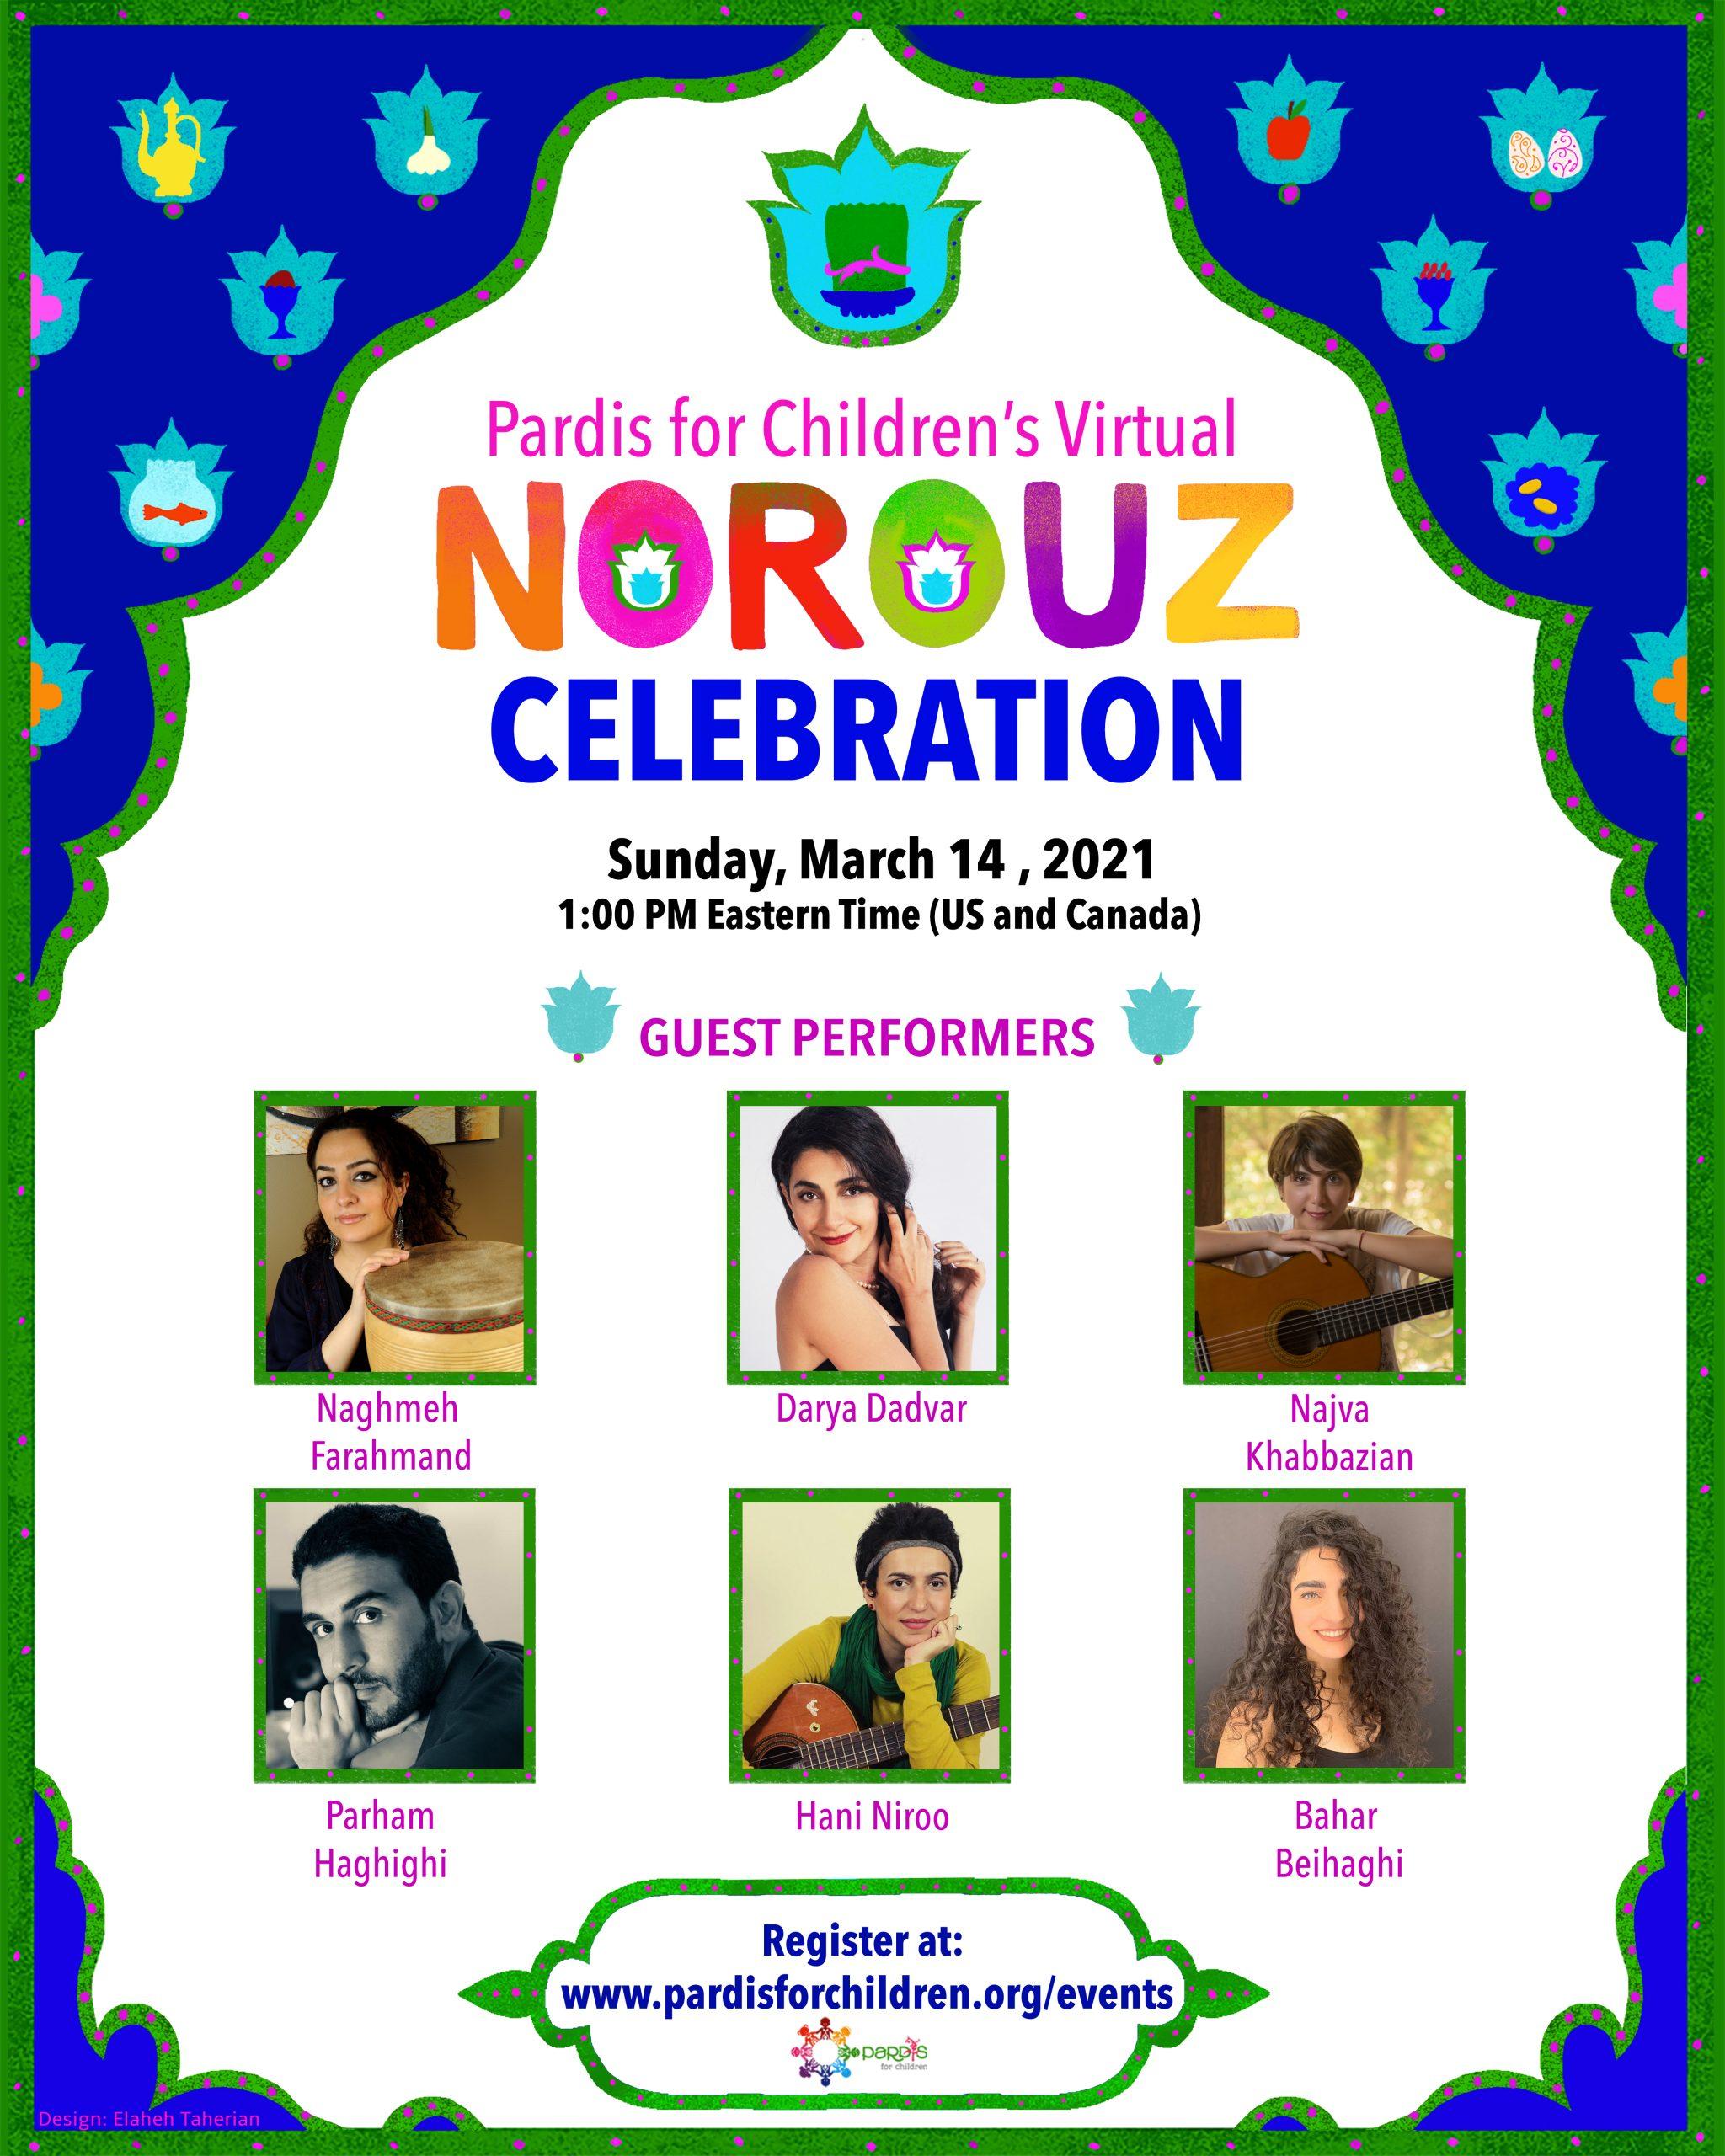 Pardis for Children's Virtual Norouz Celebration